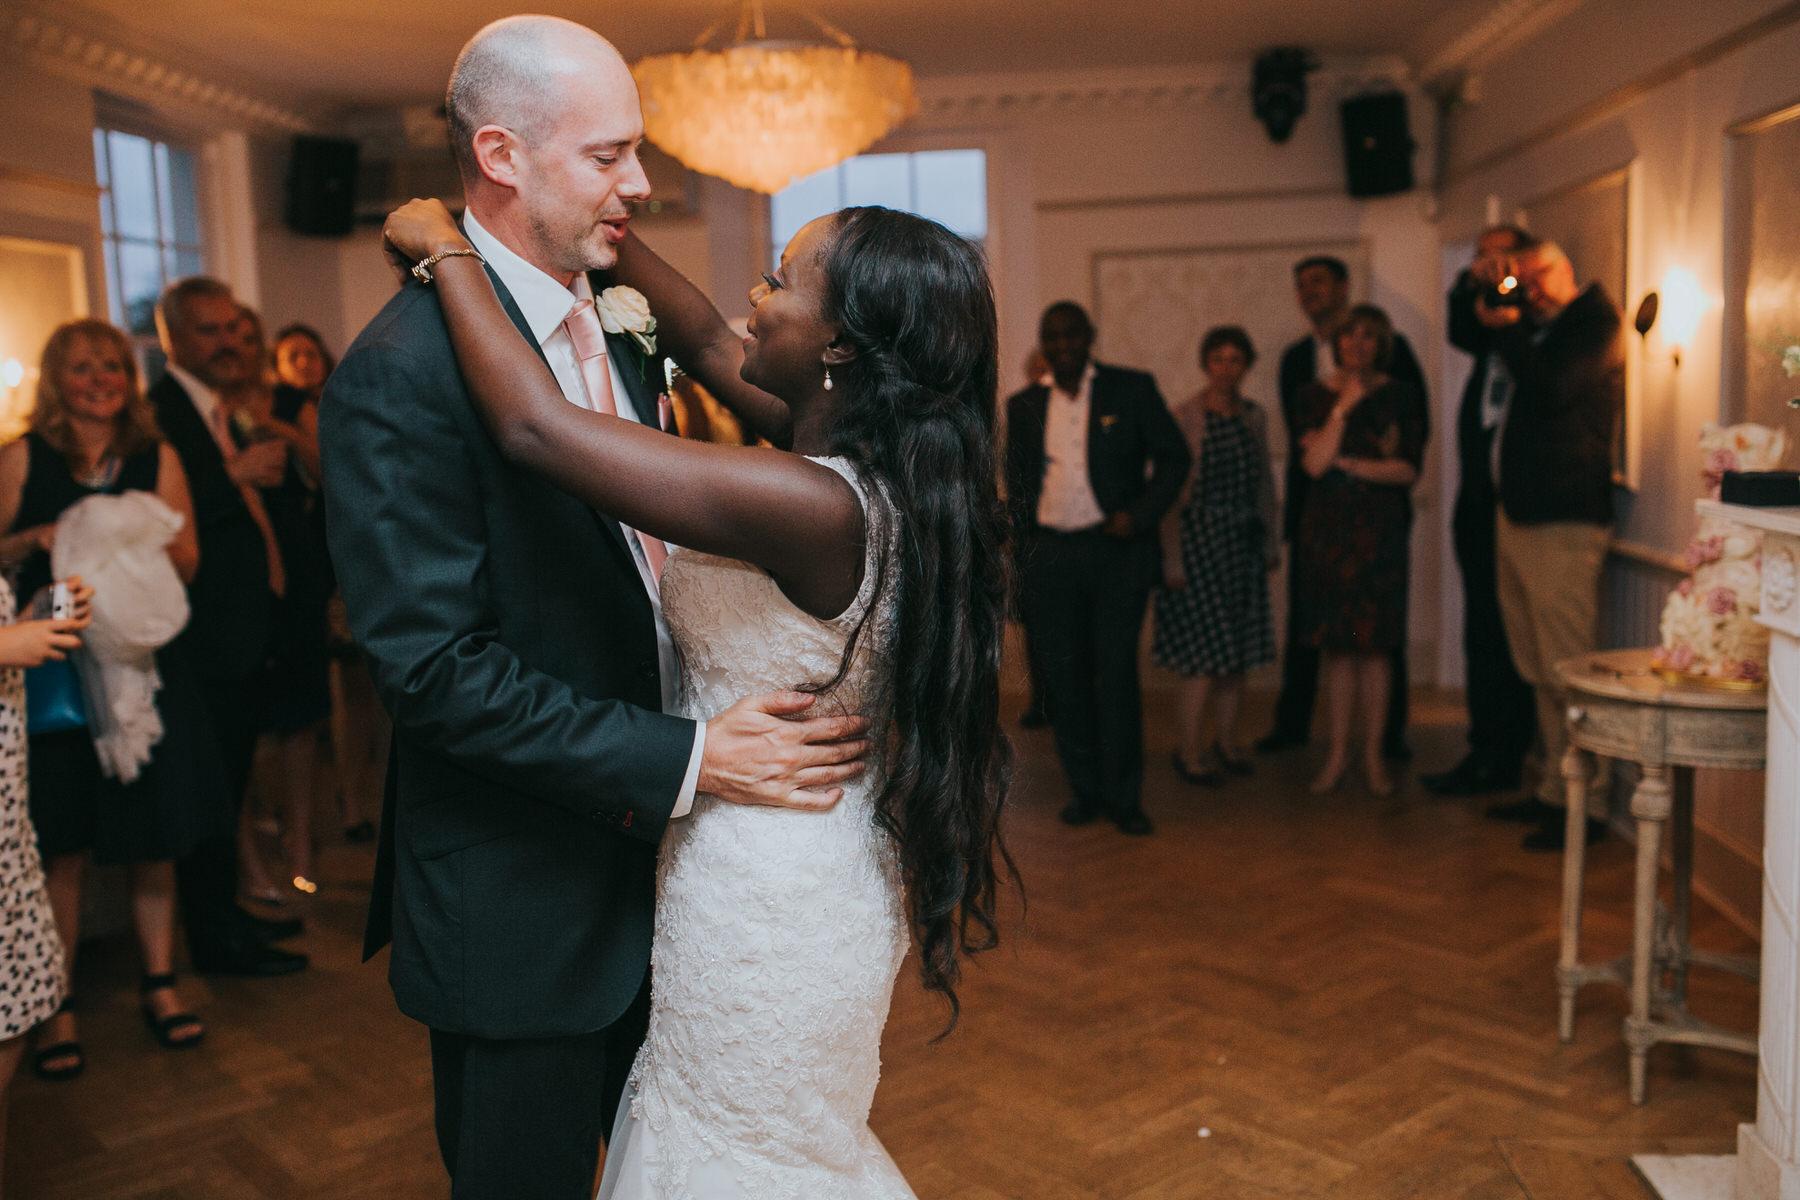 311-Belair House wedding first dance photos.jpg